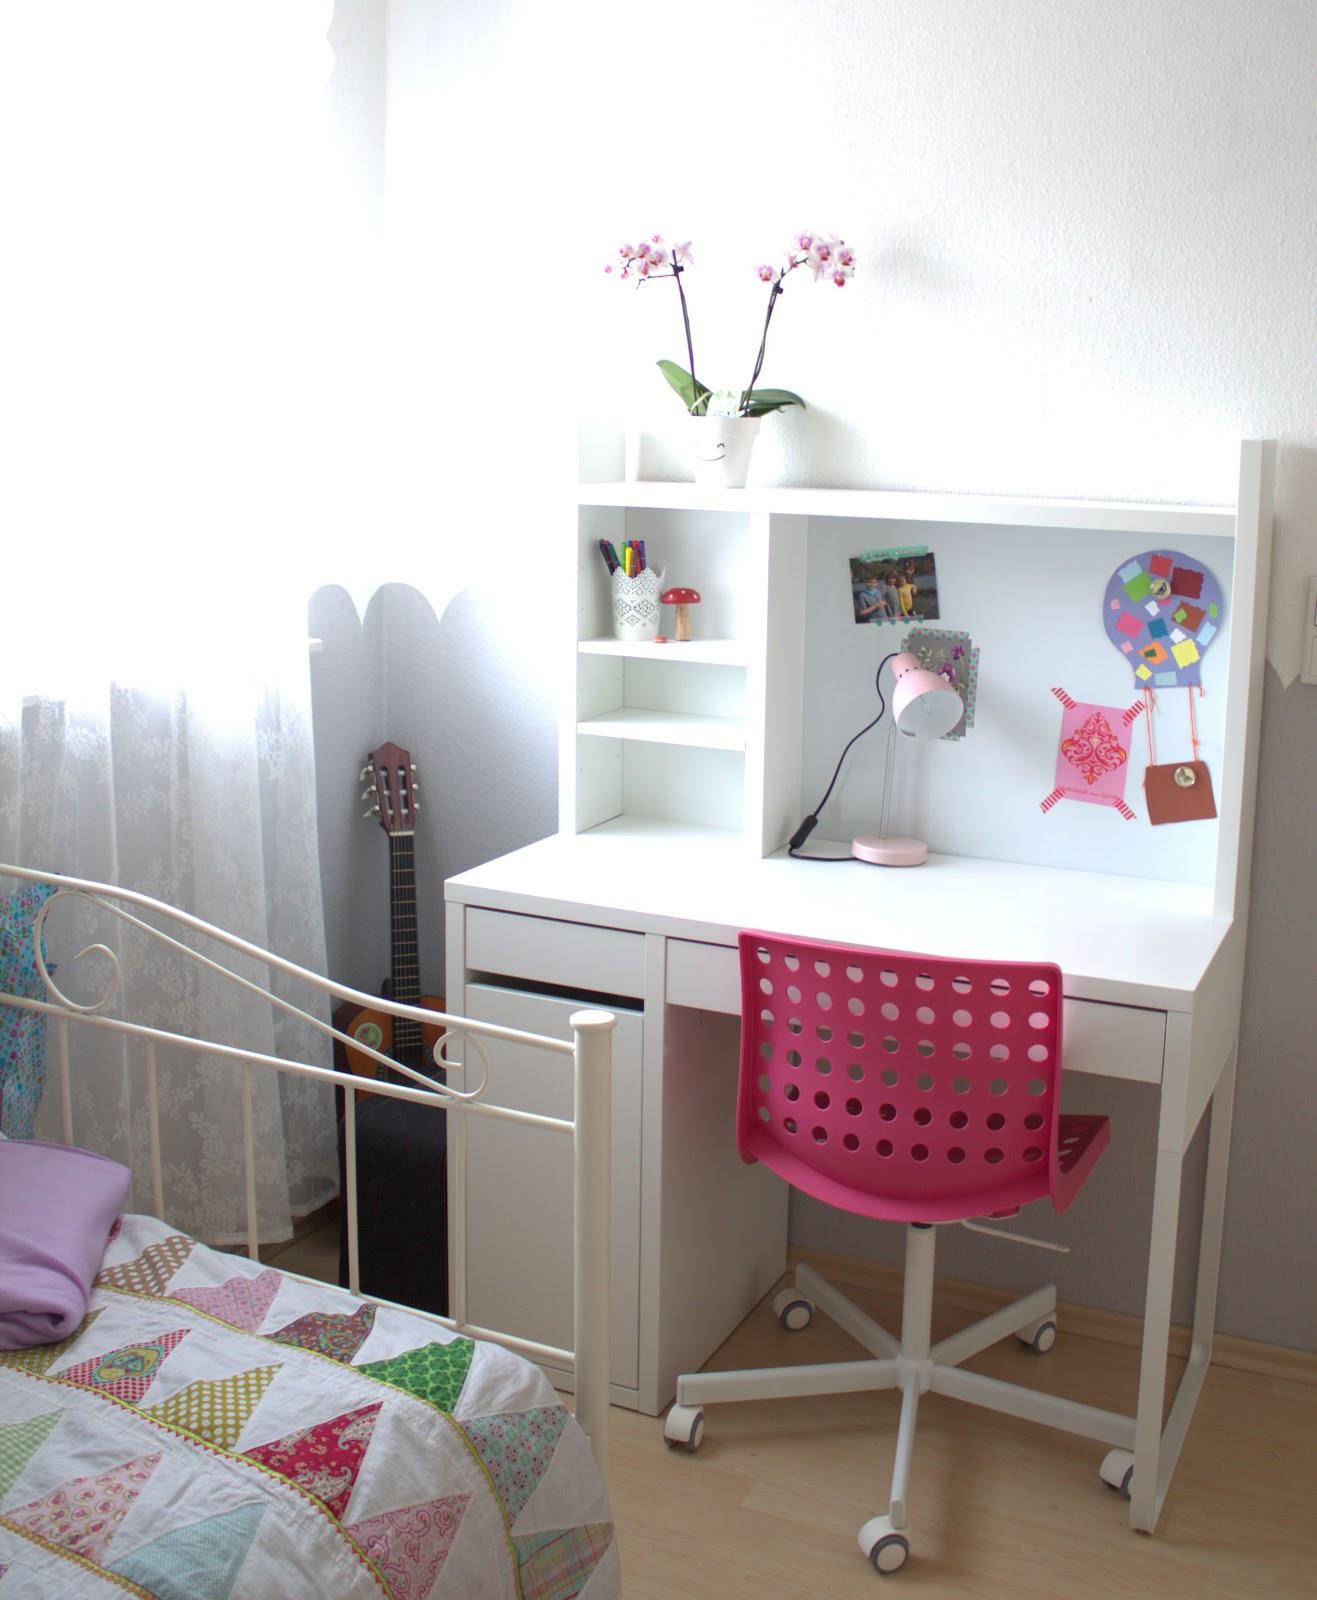 liebhabest cke aus aniswelt happy birthday gro es m del ein m dchenzimmer. Black Bedroom Furniture Sets. Home Design Ideas